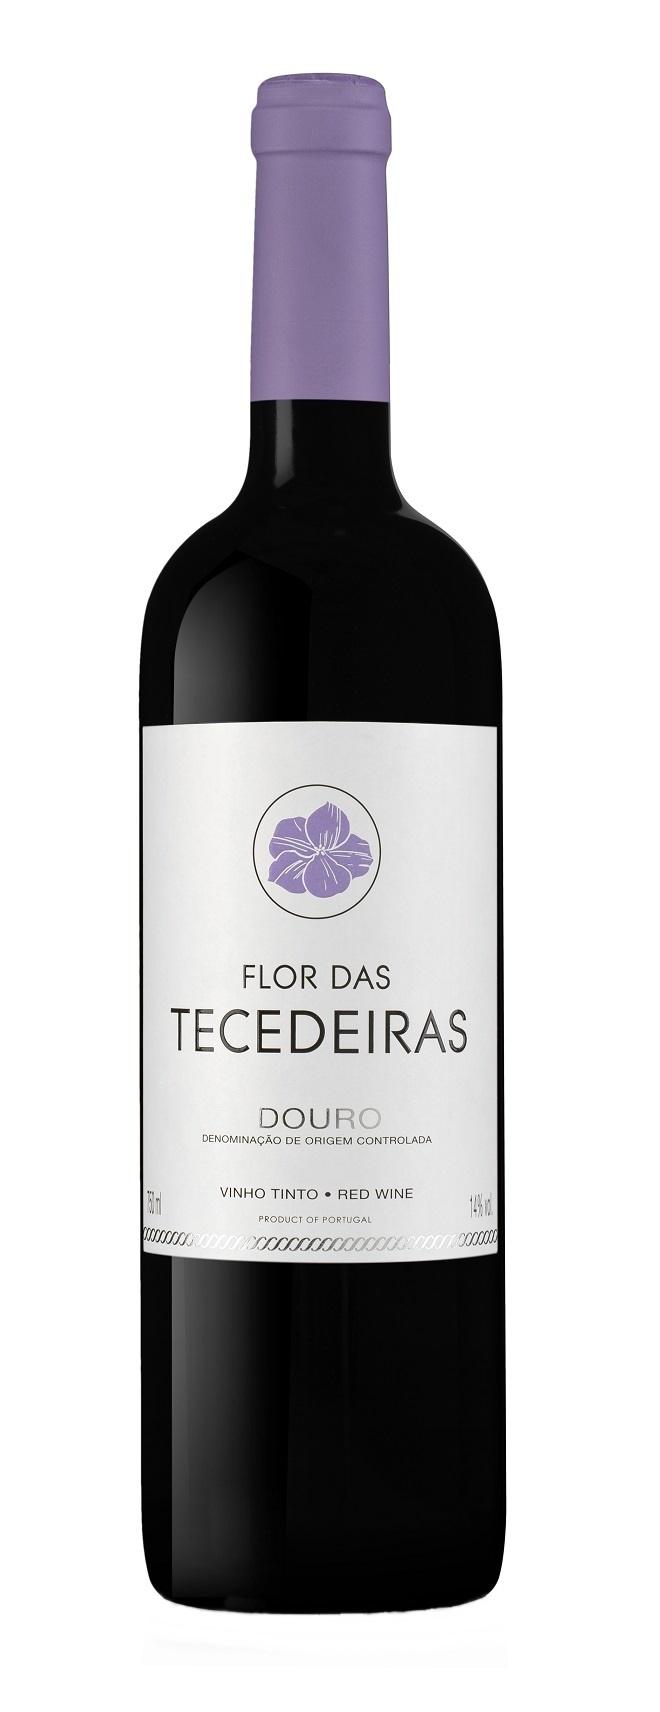 Lima Smith - Portugal 2018 Flor das Tecedeiras, Lima & Smith Douro